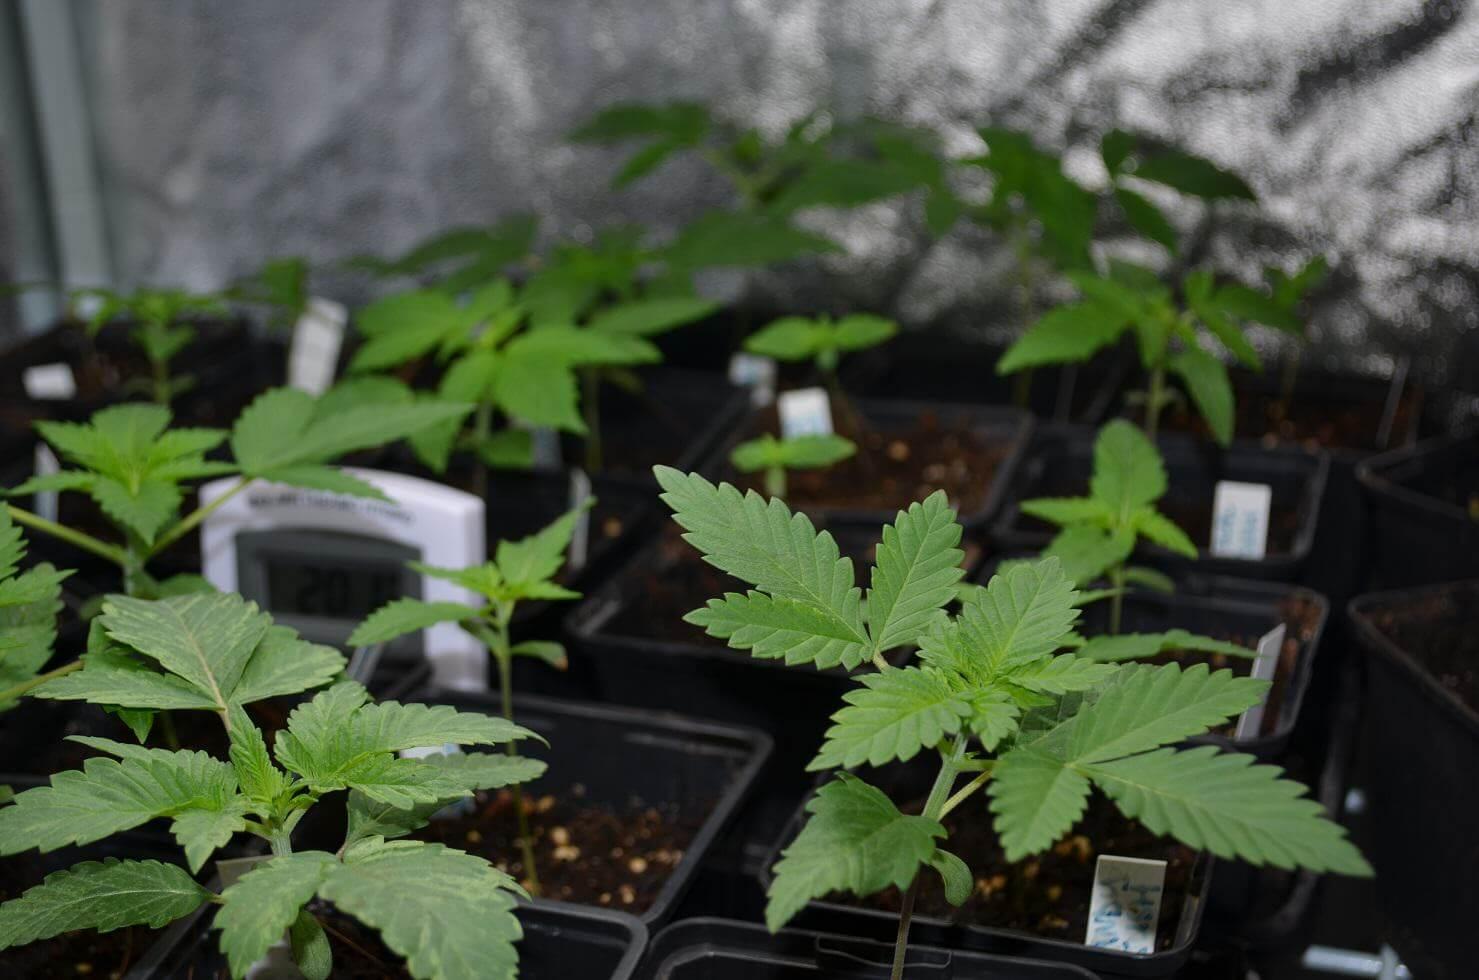 Semillas de marihuana para cultivar en interior blog del for Plante cannabis interieur